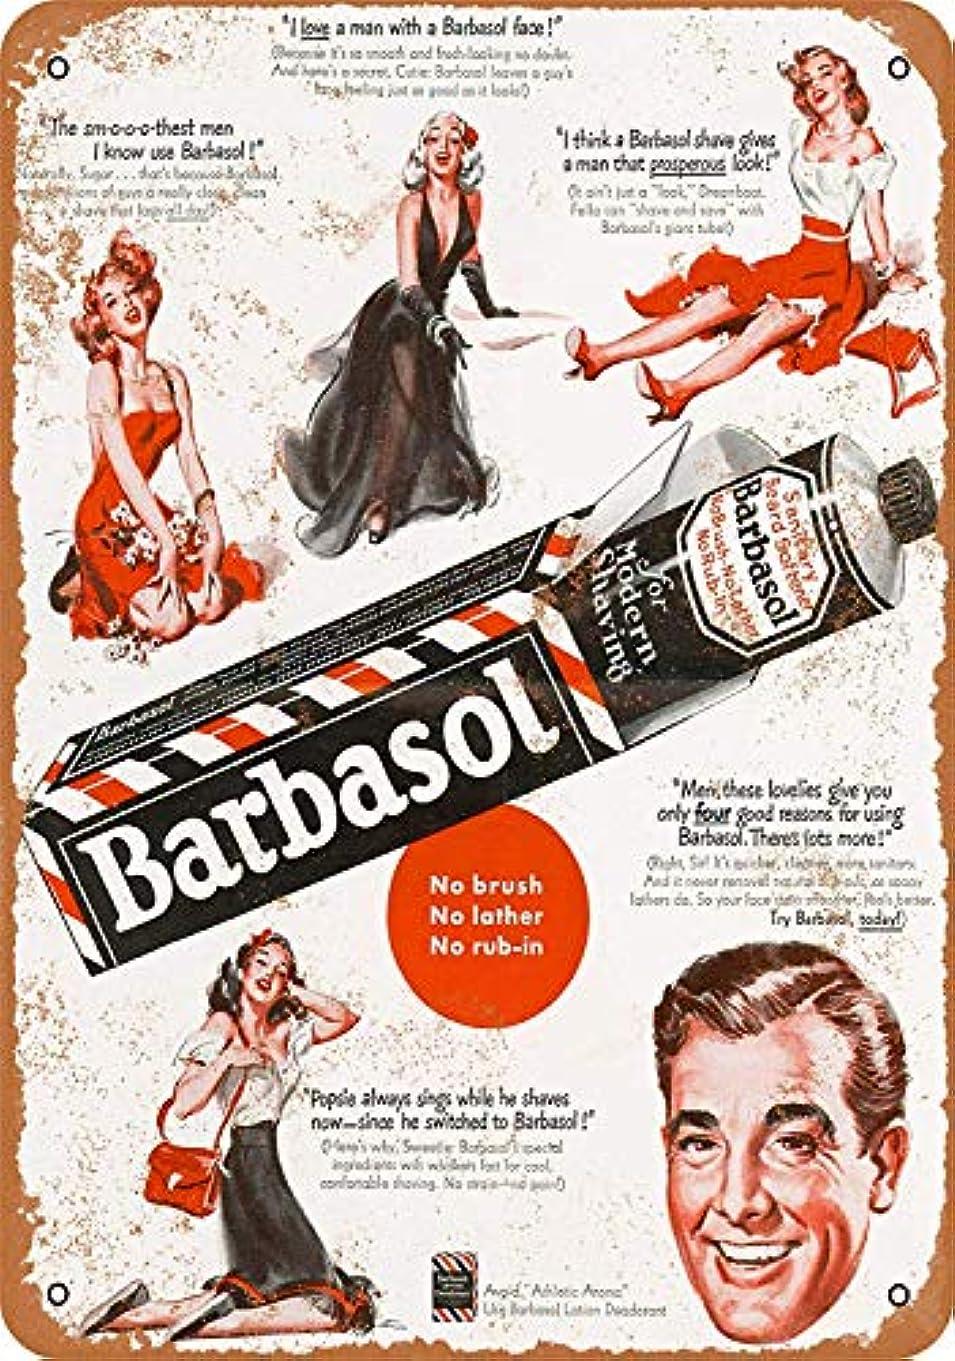 たとえだらしないマルクス主義者Shimaier ブリキ 看板 壁の装飾 メタルサイン 1949 Barbasol Shaving Cream ウォールアート バー カフェ 30×40cm ヴィンテージ風 メタルプレート